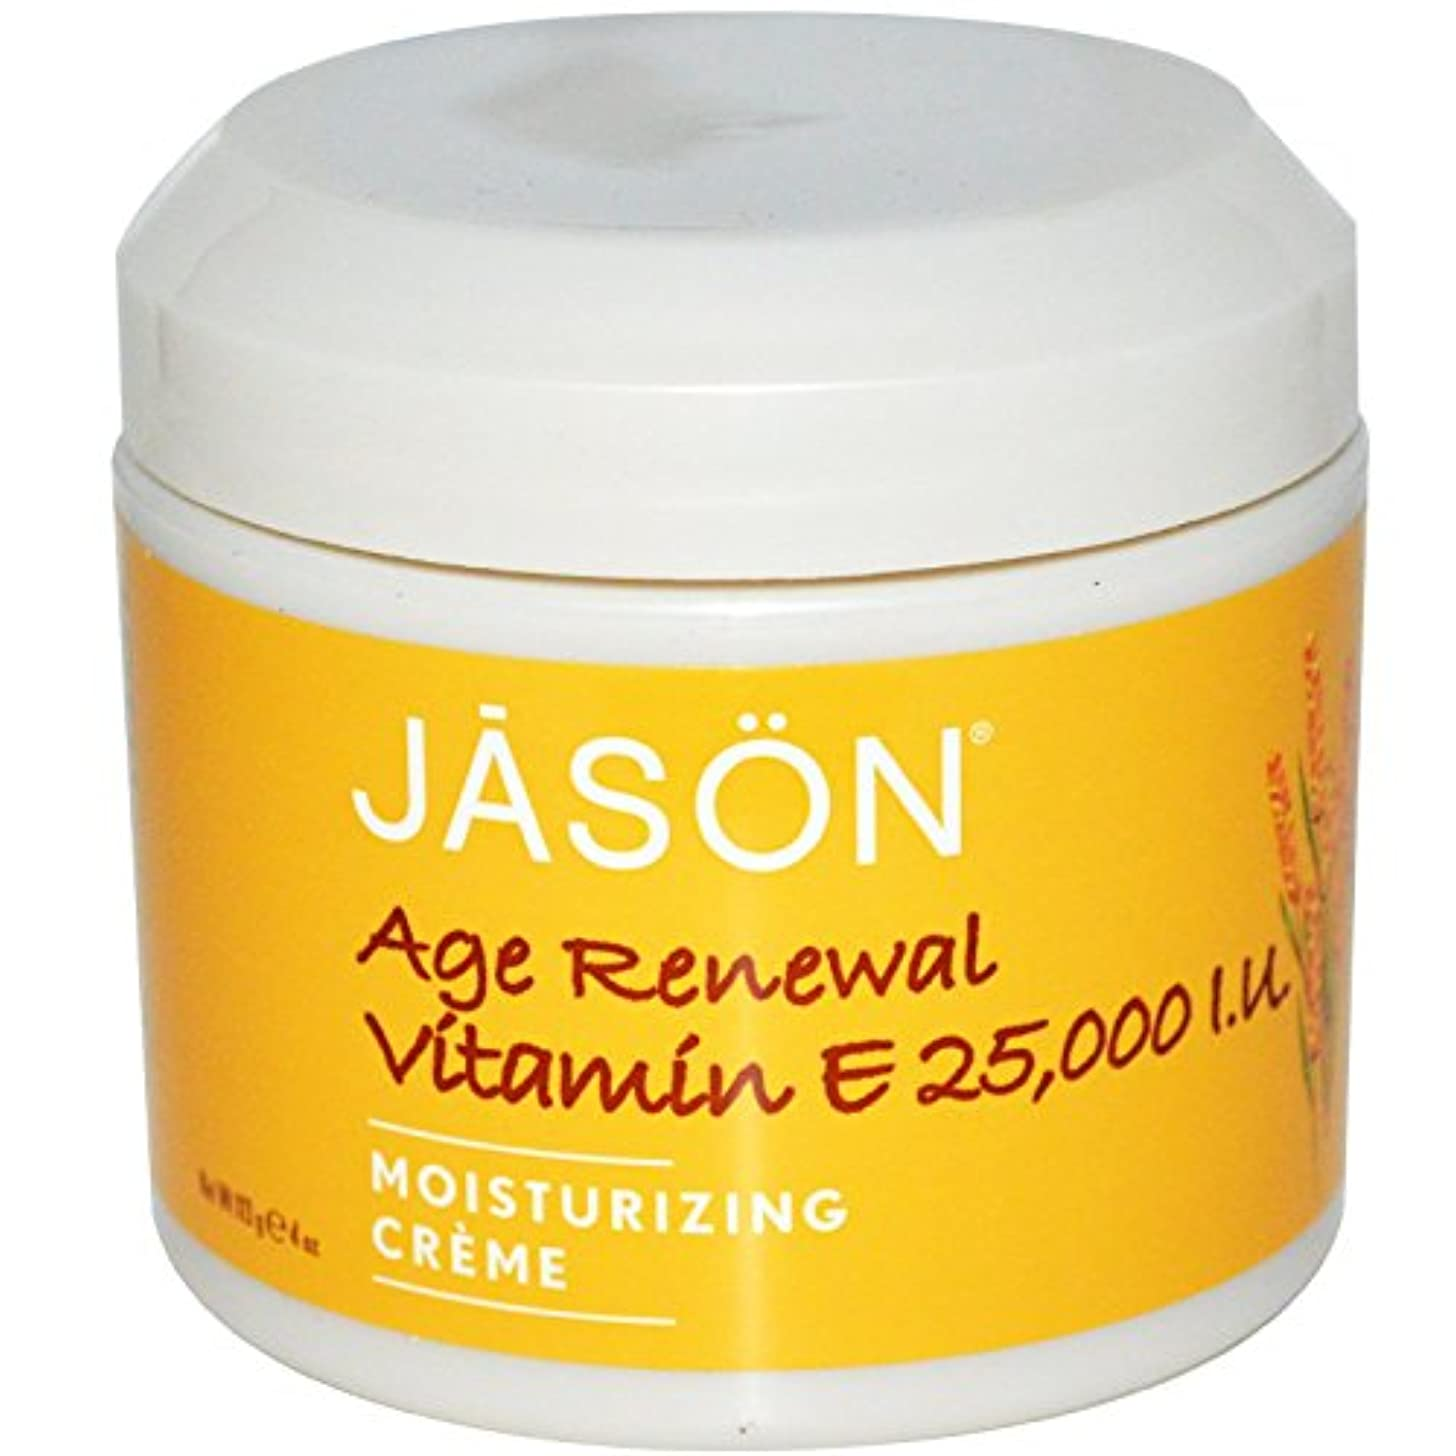 シビック乳製品関係ないジェイソンナチュラル(Jason Natural) エイジリニューアル ビタミンE クリーム  25,000 IU 113g [海外直送][並行輸入品]